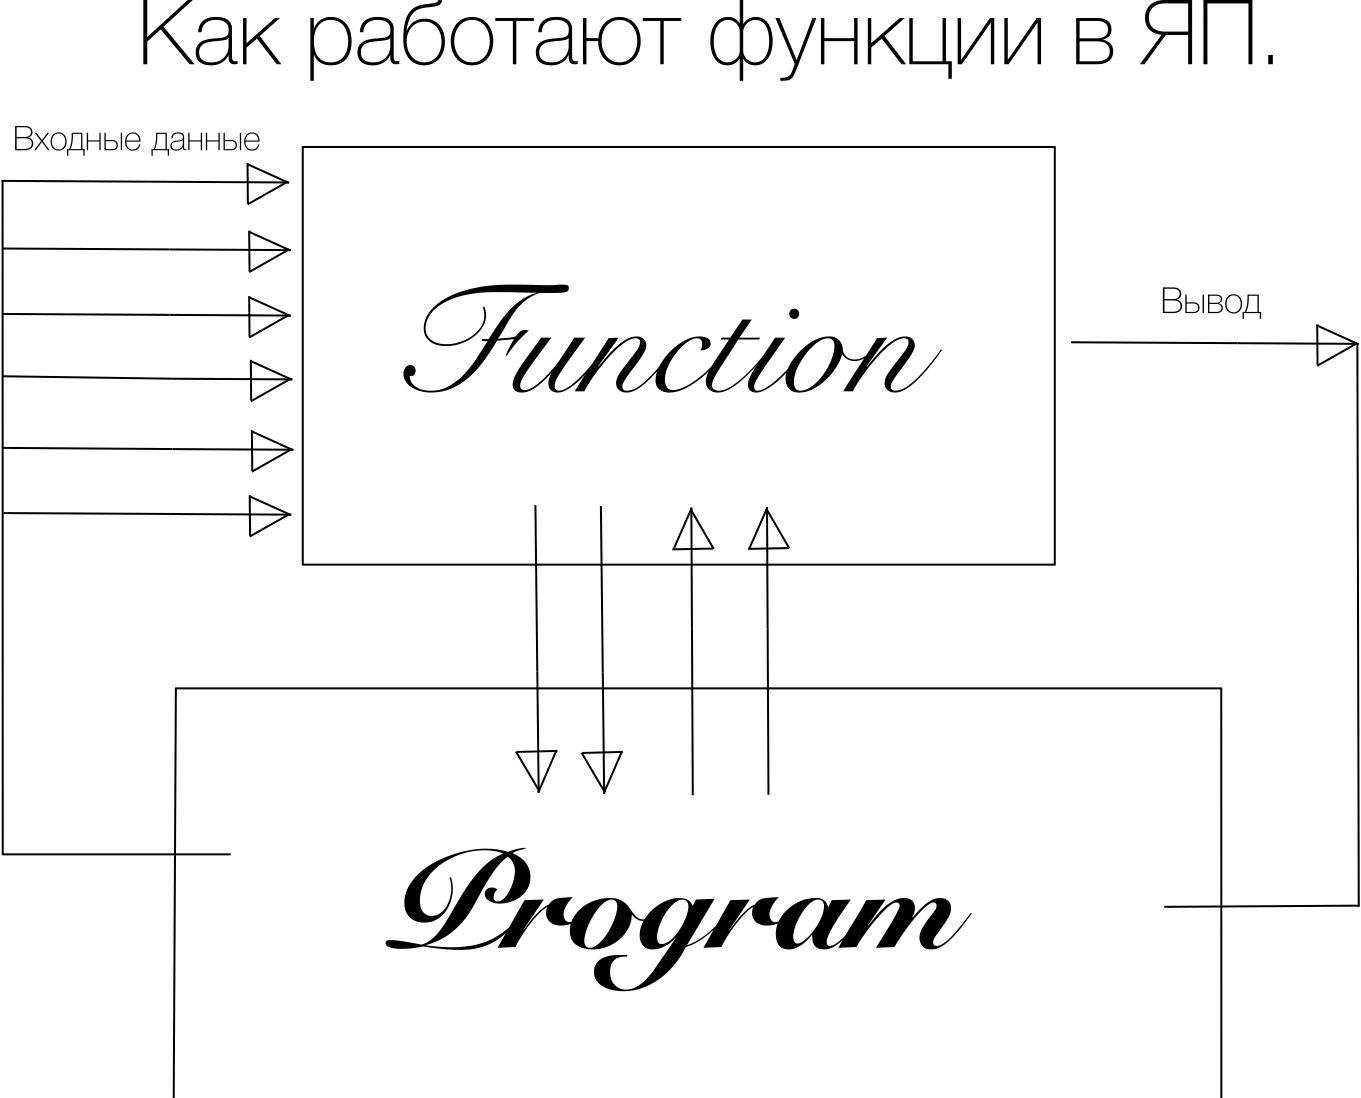 Схема по паскале